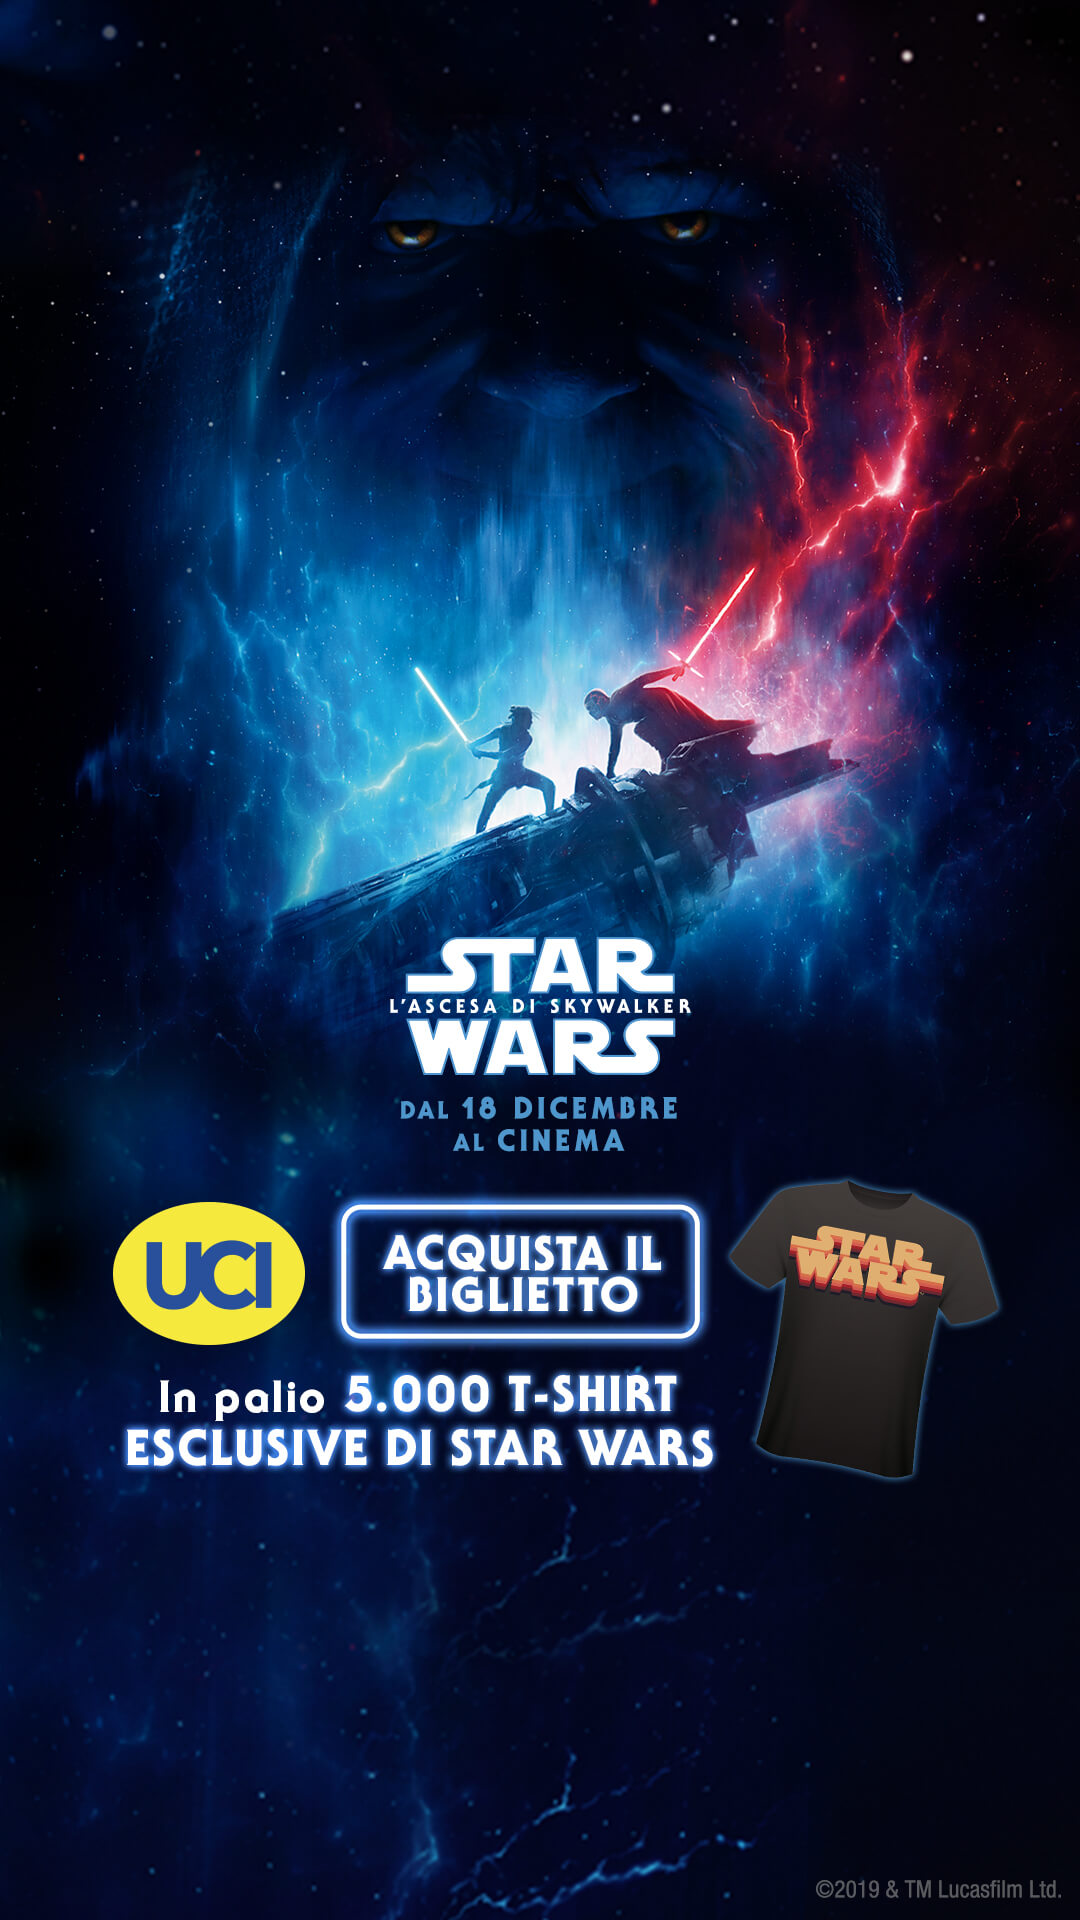 Star Wars Uci